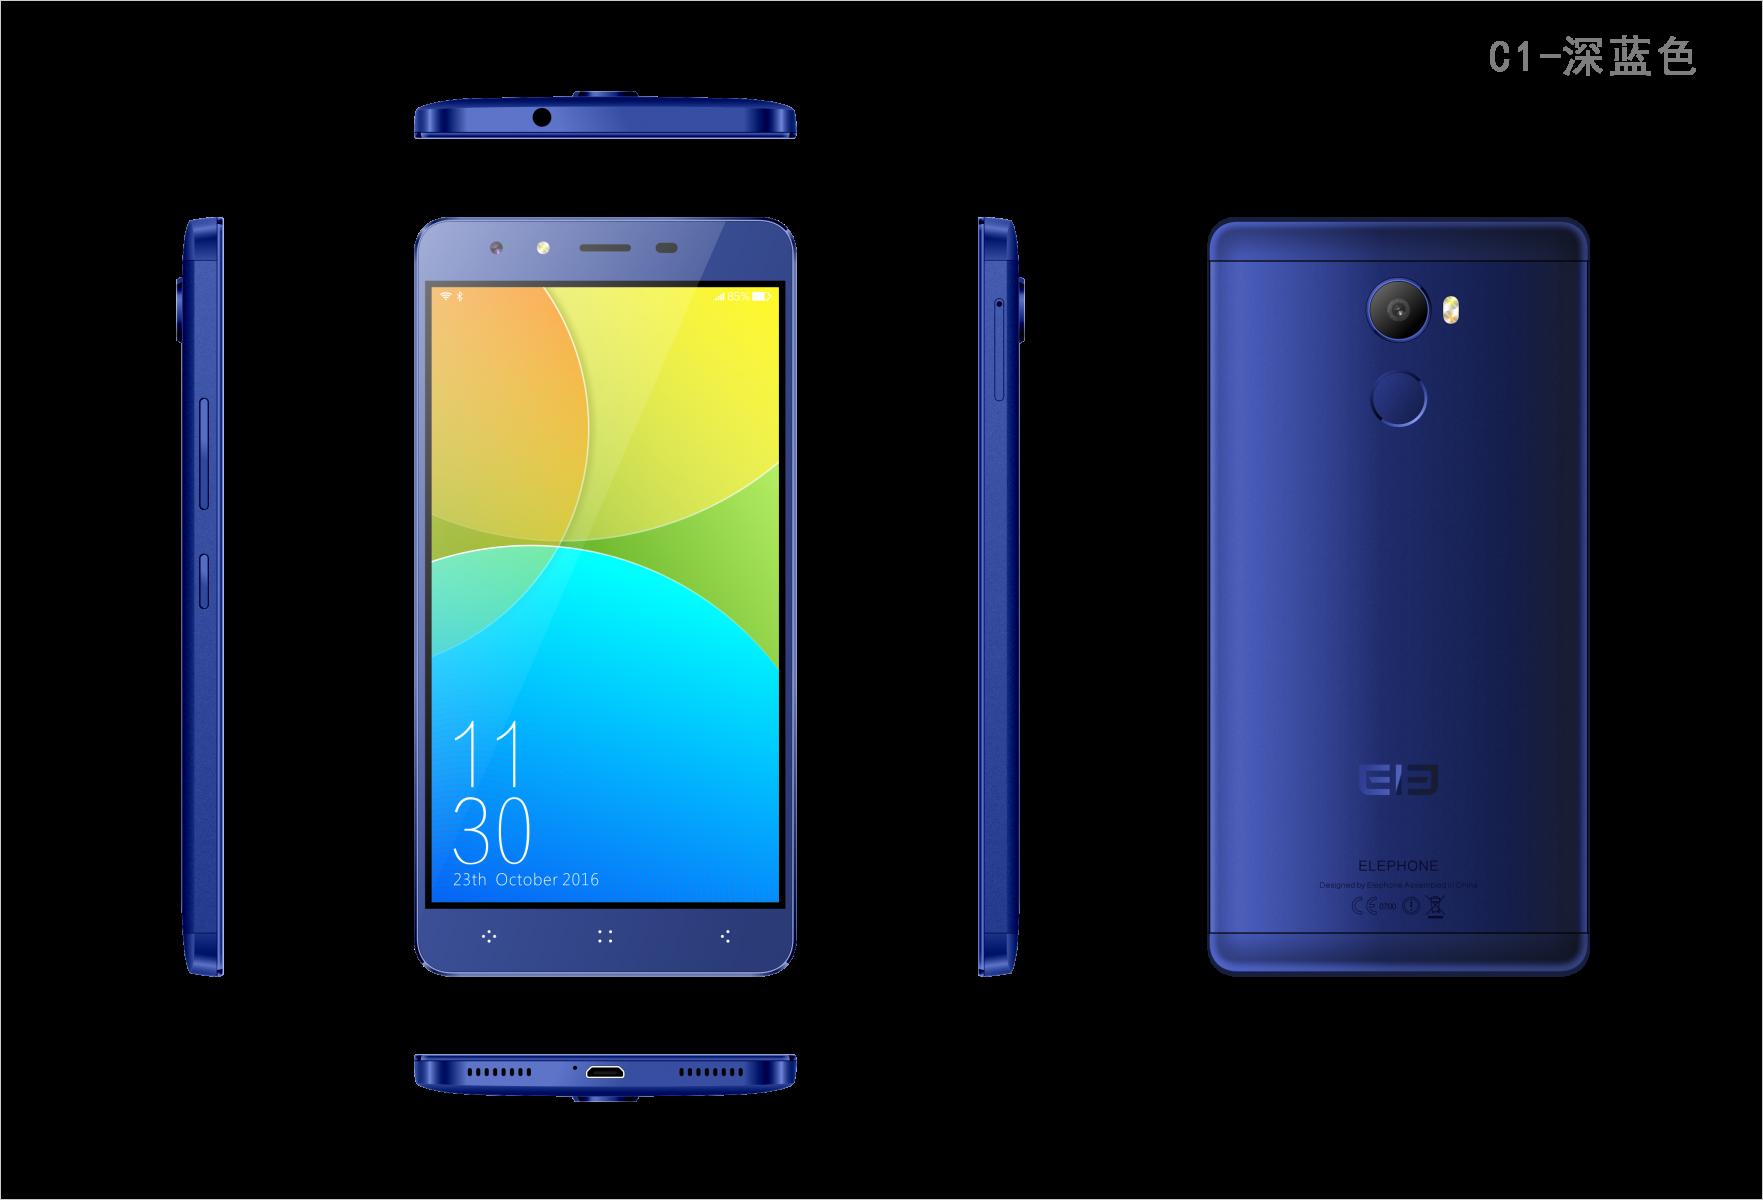 Elephone C1 blu scuro 4